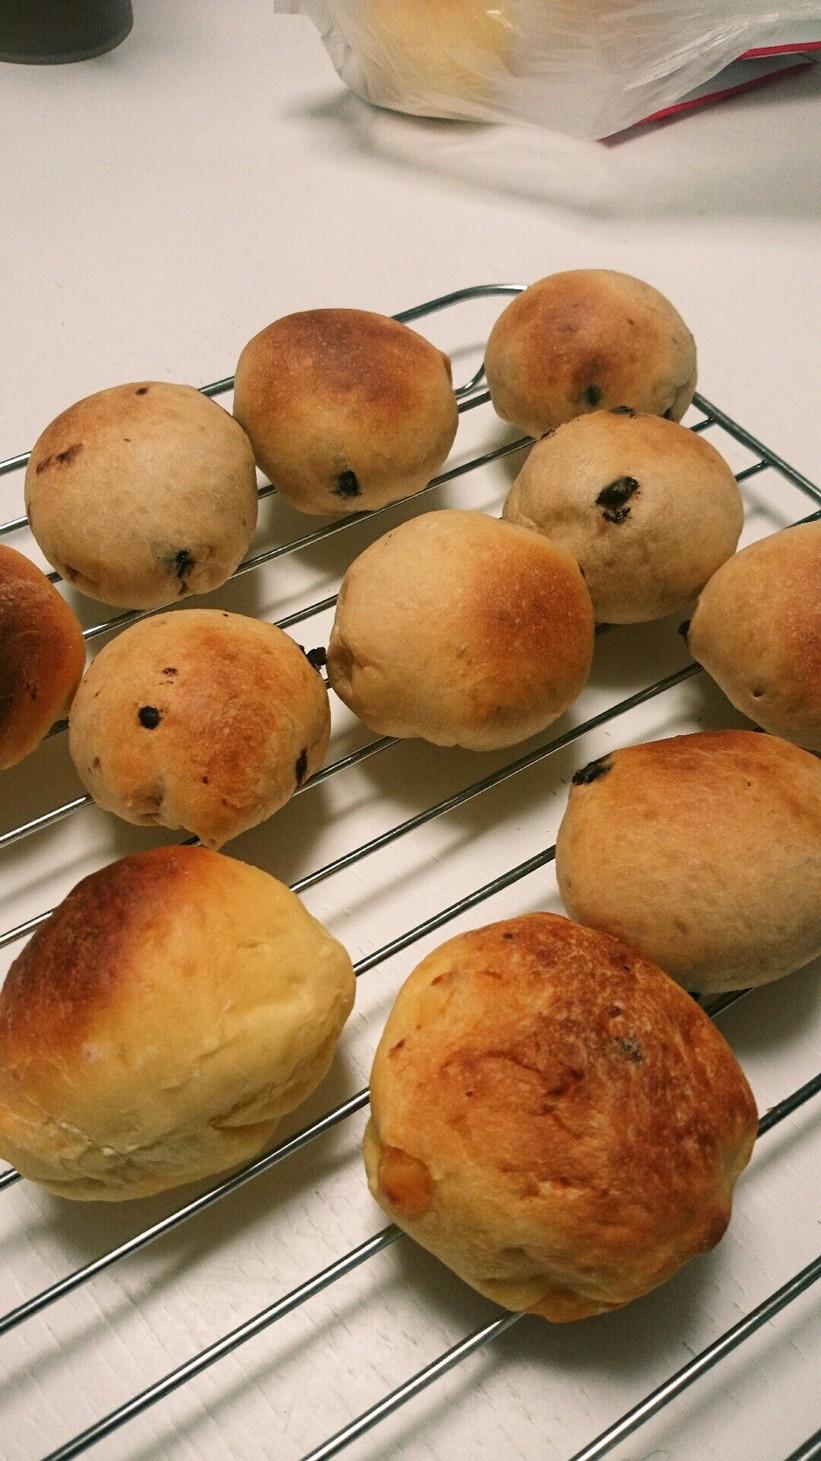 HBふんわりまんまるパン(ツインバード)